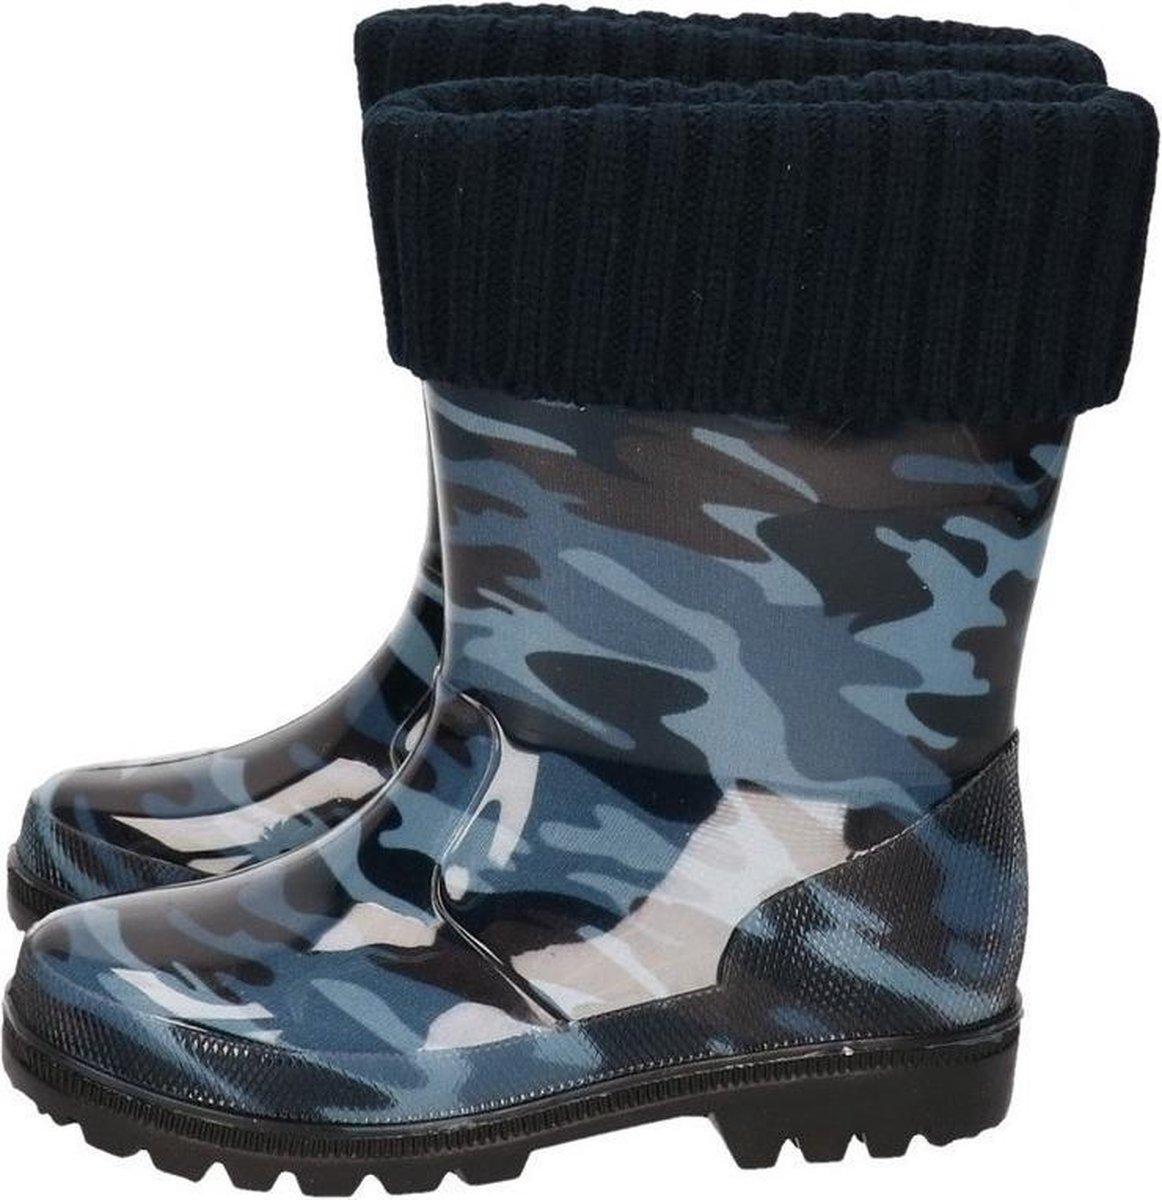 Blauwe peuterkinder regenlaarzen camouflageleger print met voering Rubberen laarzenregenlaarsjes voor kinderen 26